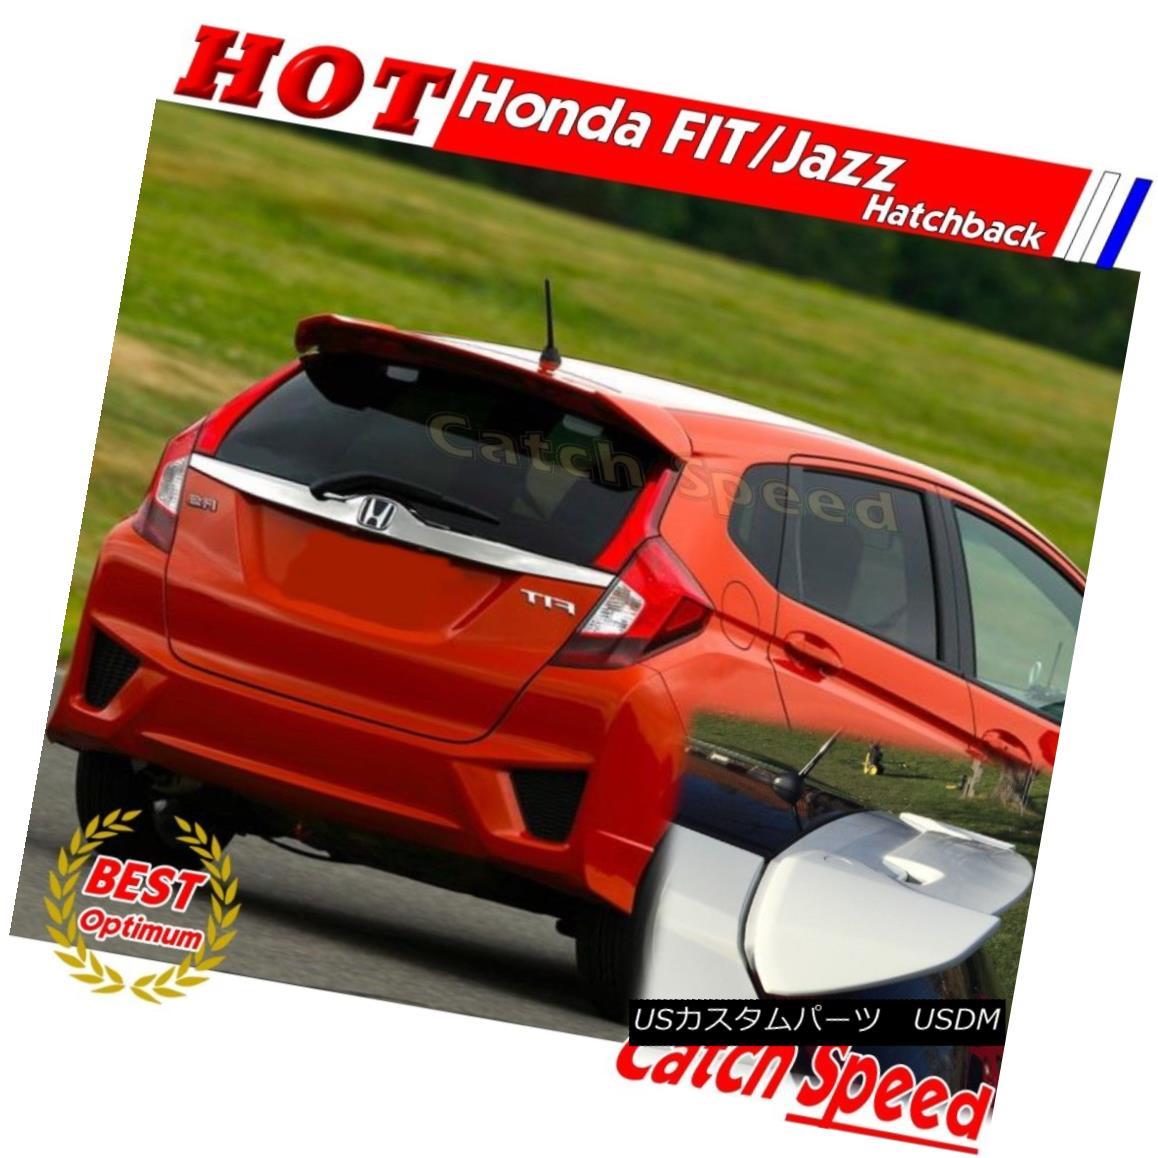 エアロパーツ Painted ABS RS Type Rear Roof Trunk Spoiler For Honda FIT JAZZ 2014~16 hatchback ホンダFIT JAZZ 2014?16ハッチバック用塗装ABS RSタイプリアルーフトランク・スポイラー